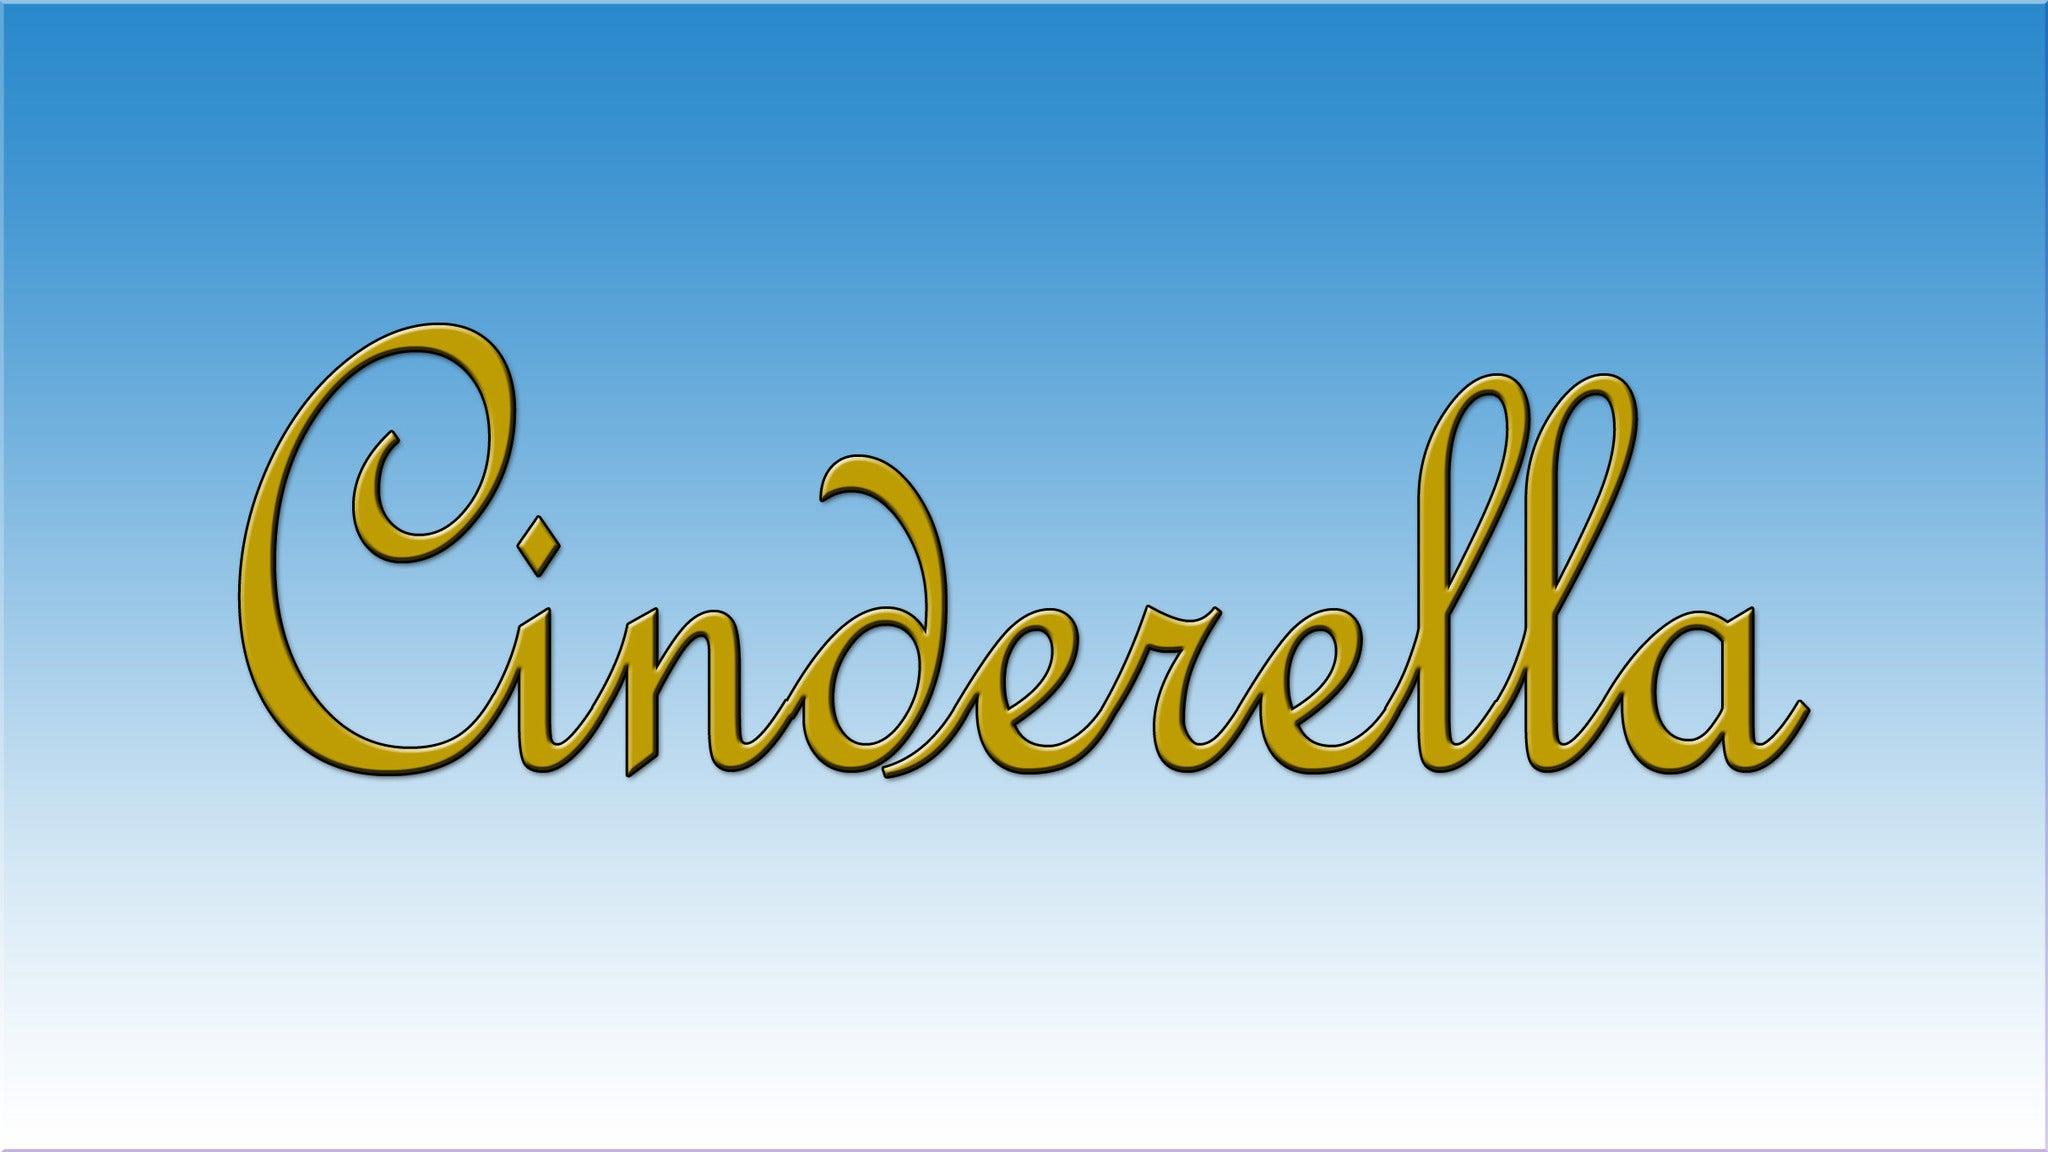 Ann Brodie's Carolina Ballet Presents Cinderella